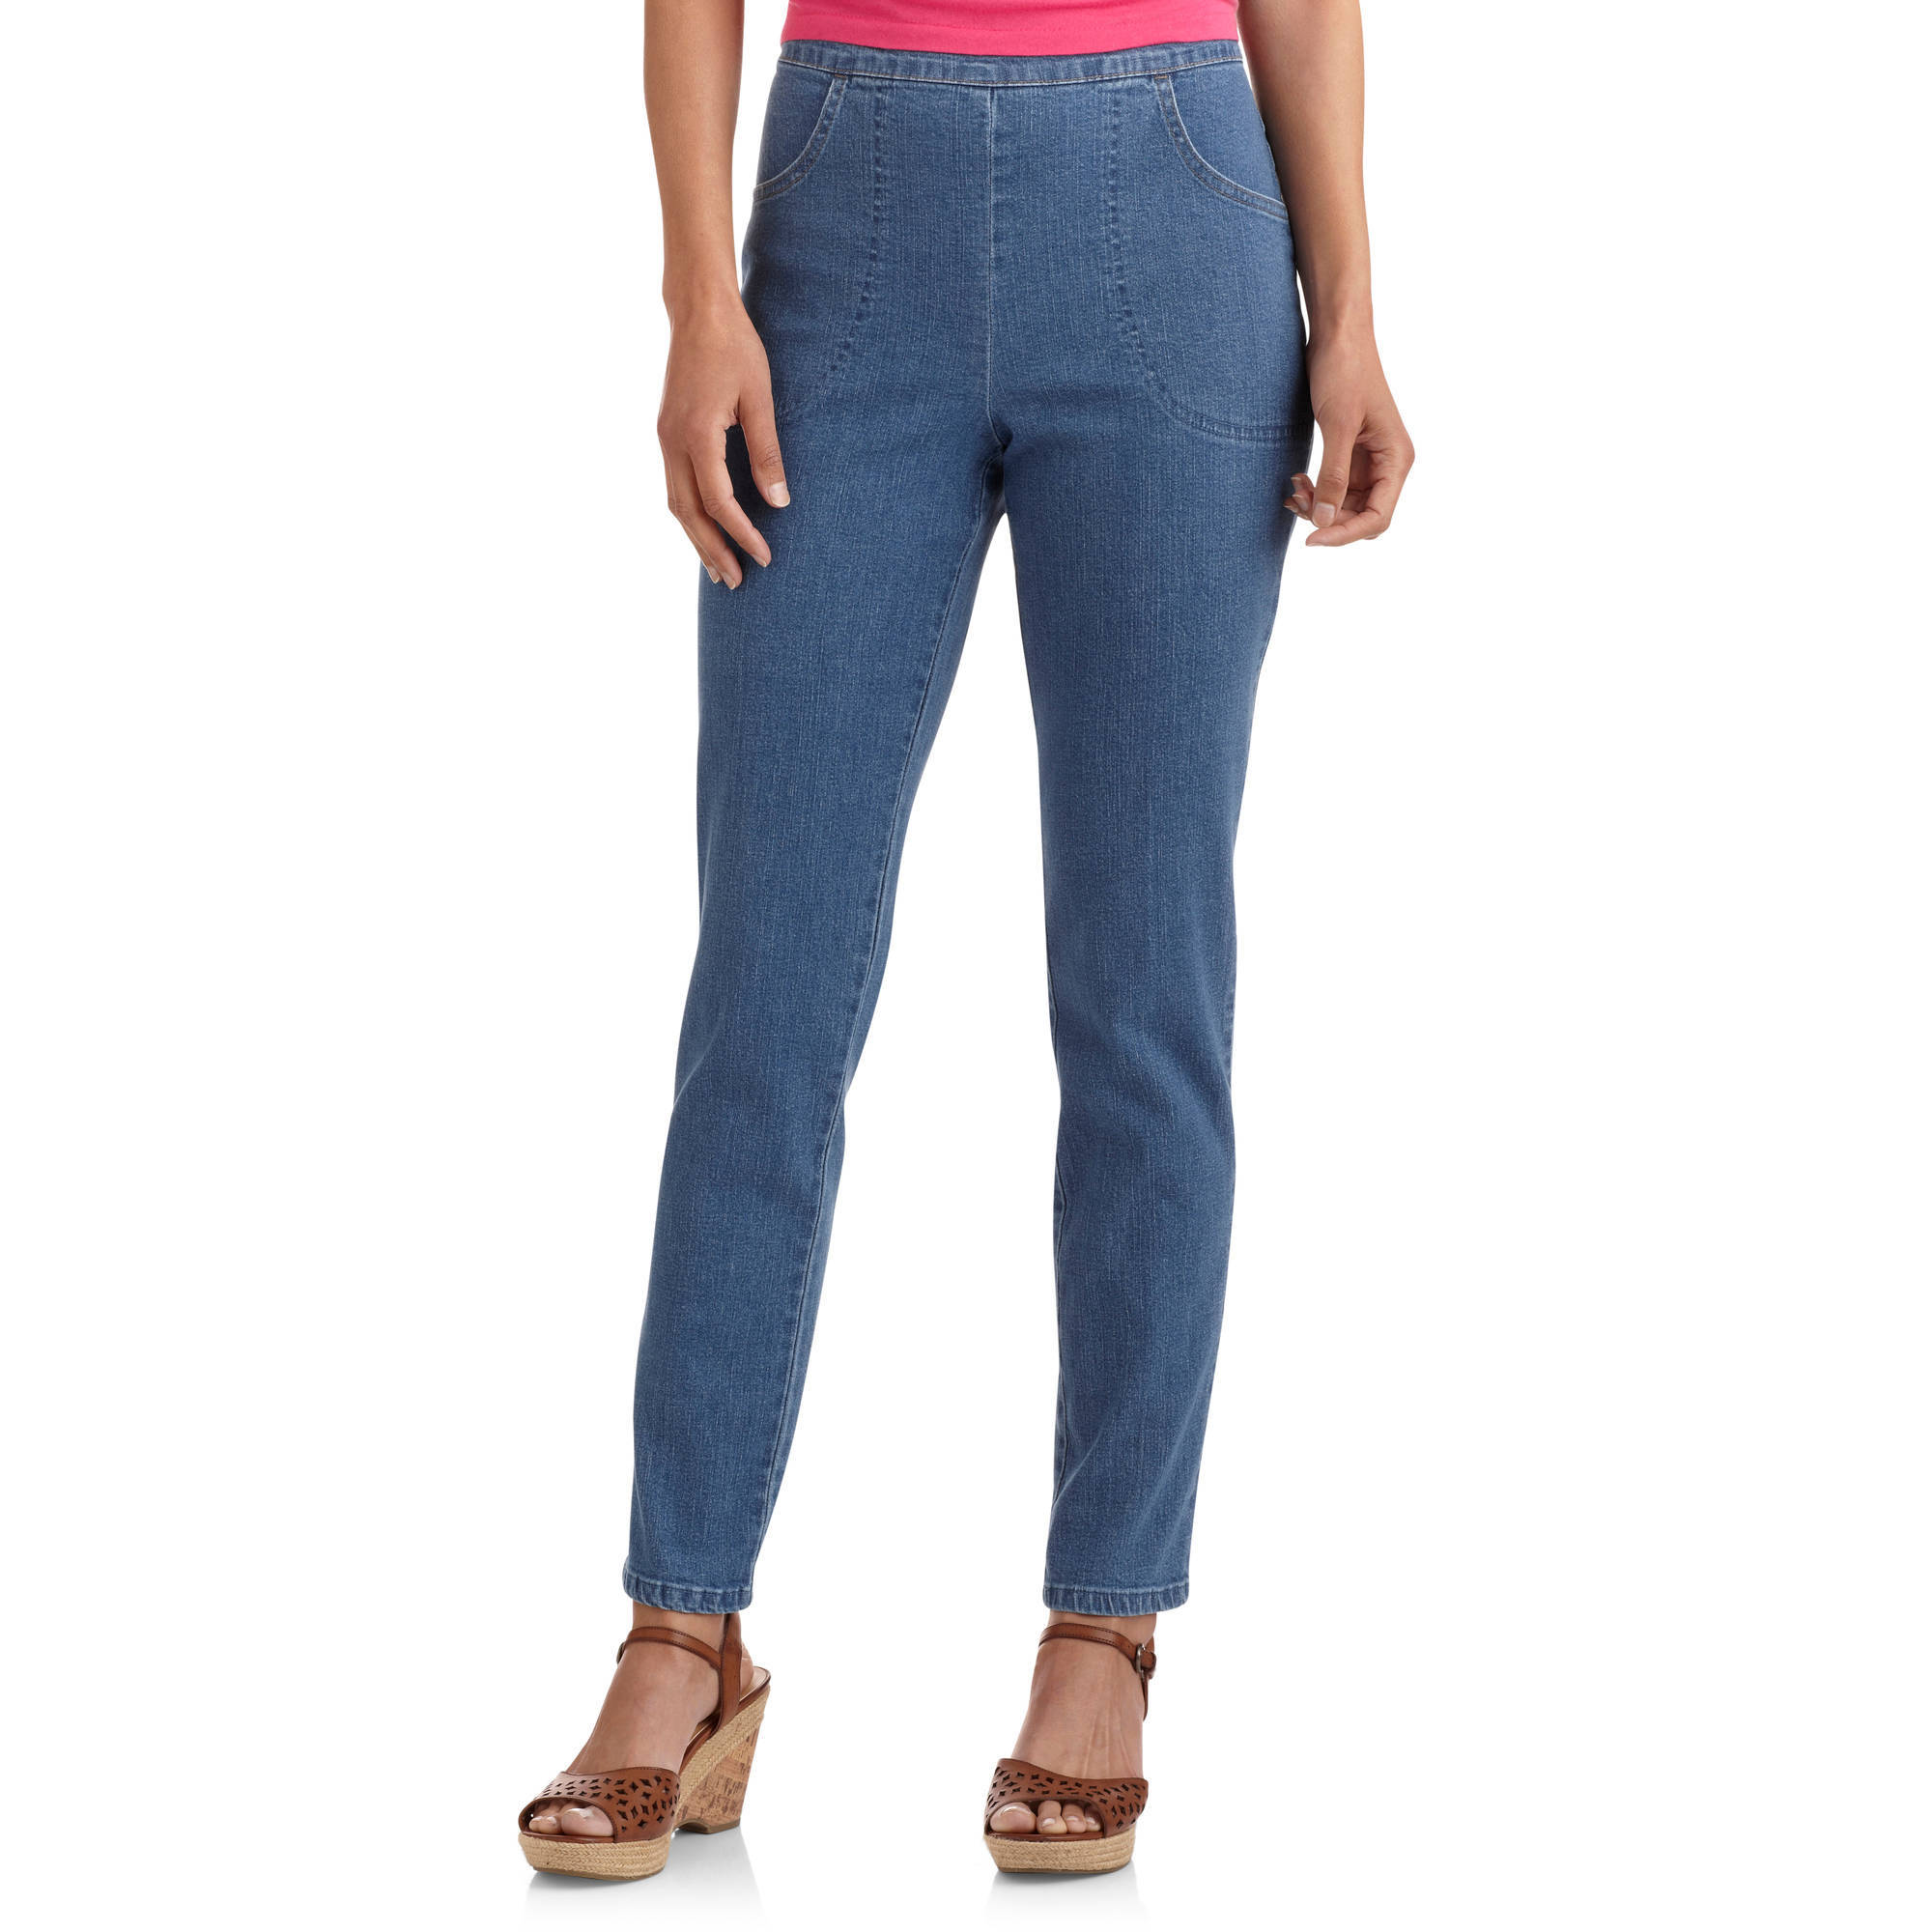 Women's Pants - Walmart.com